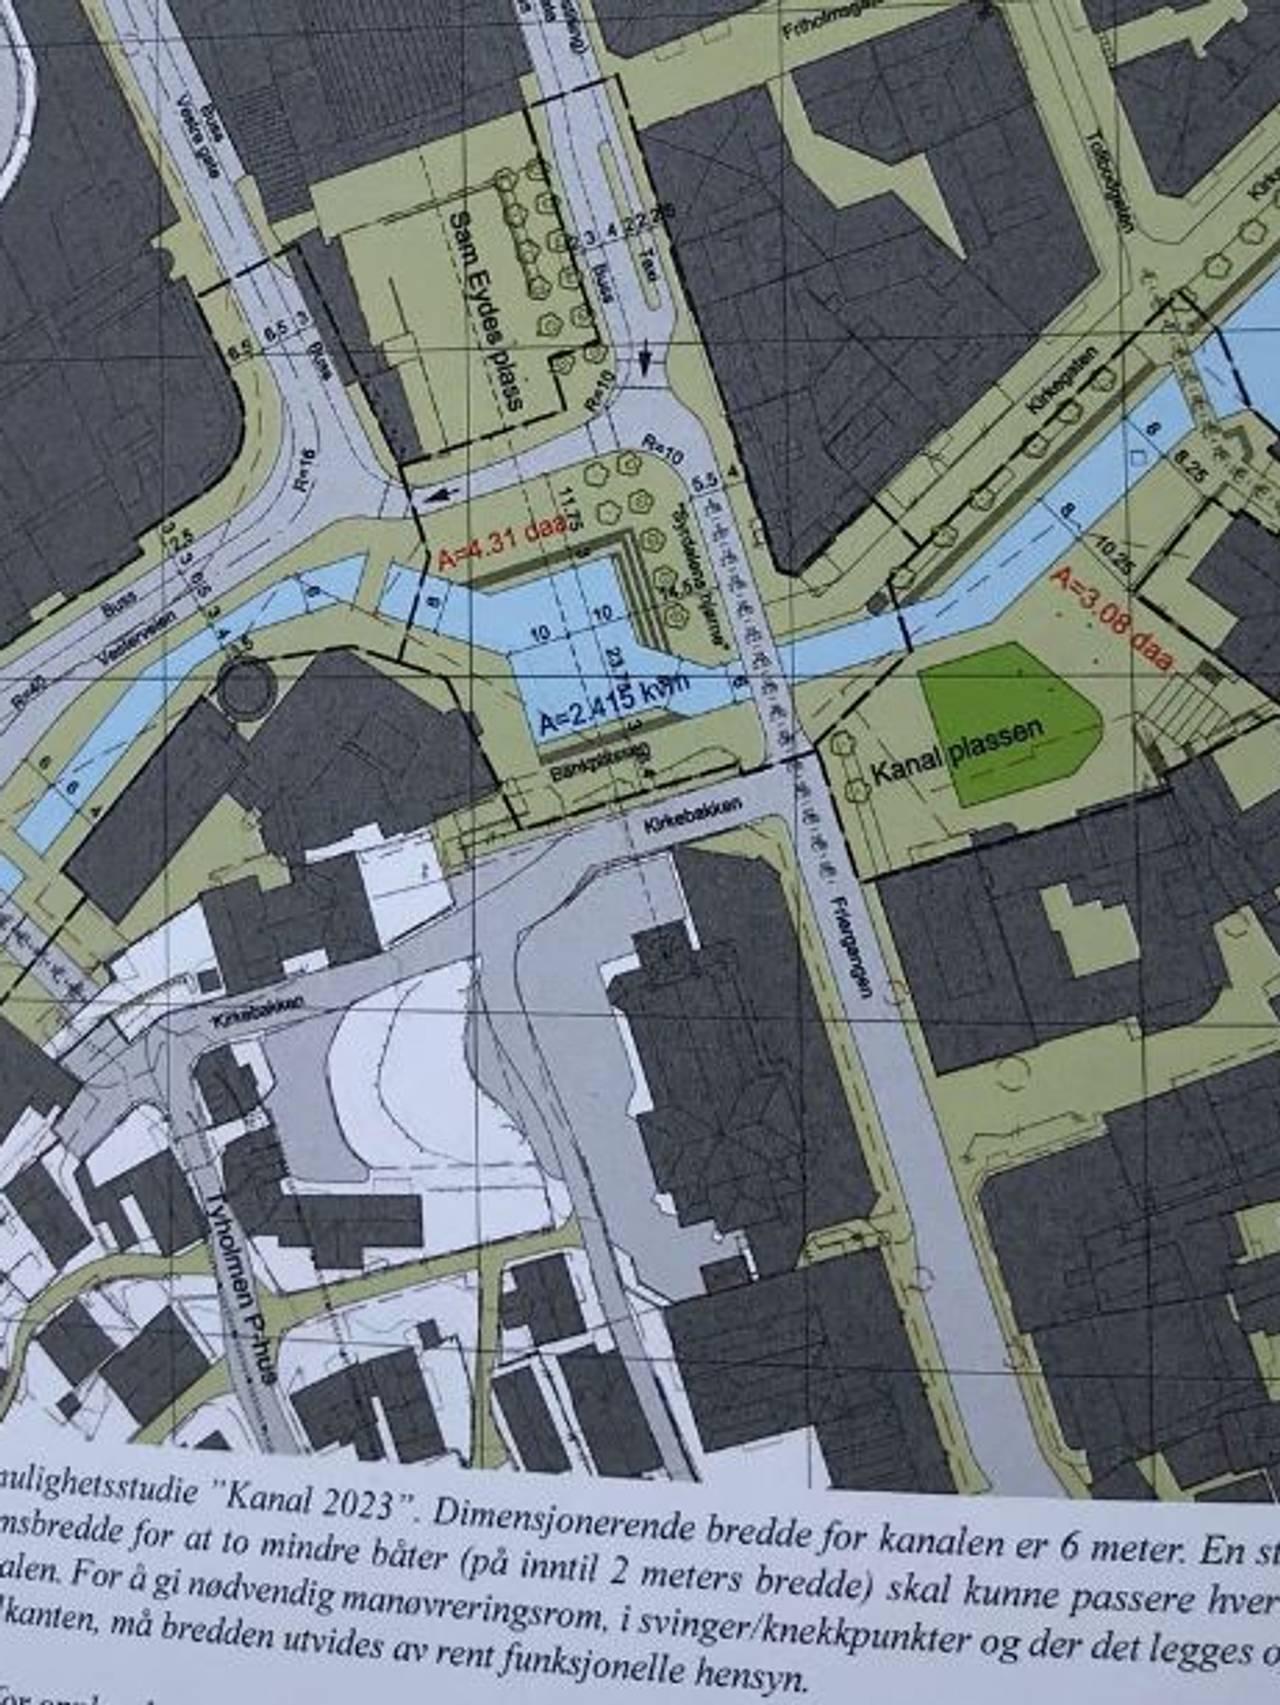 Illustrasjonsplan for Kanalselskapet og prosjektet